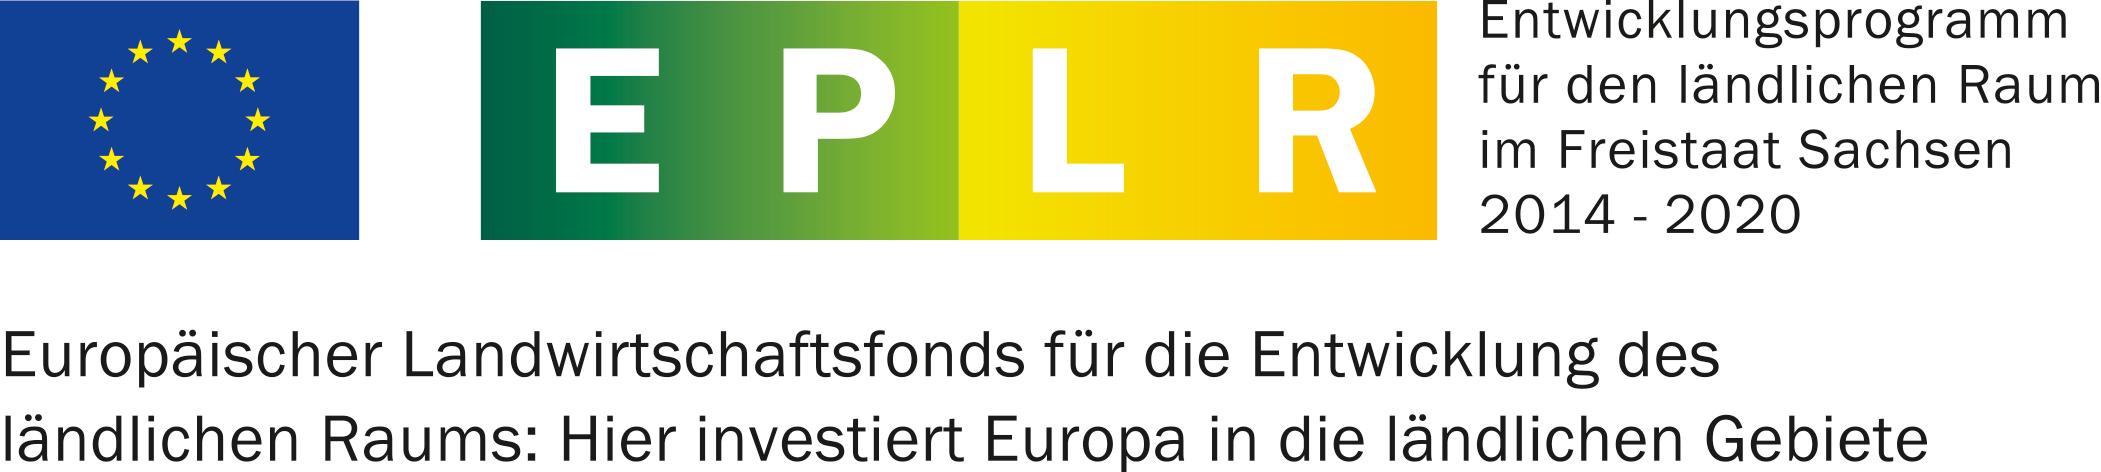 2020_Logo EPLR.JPG